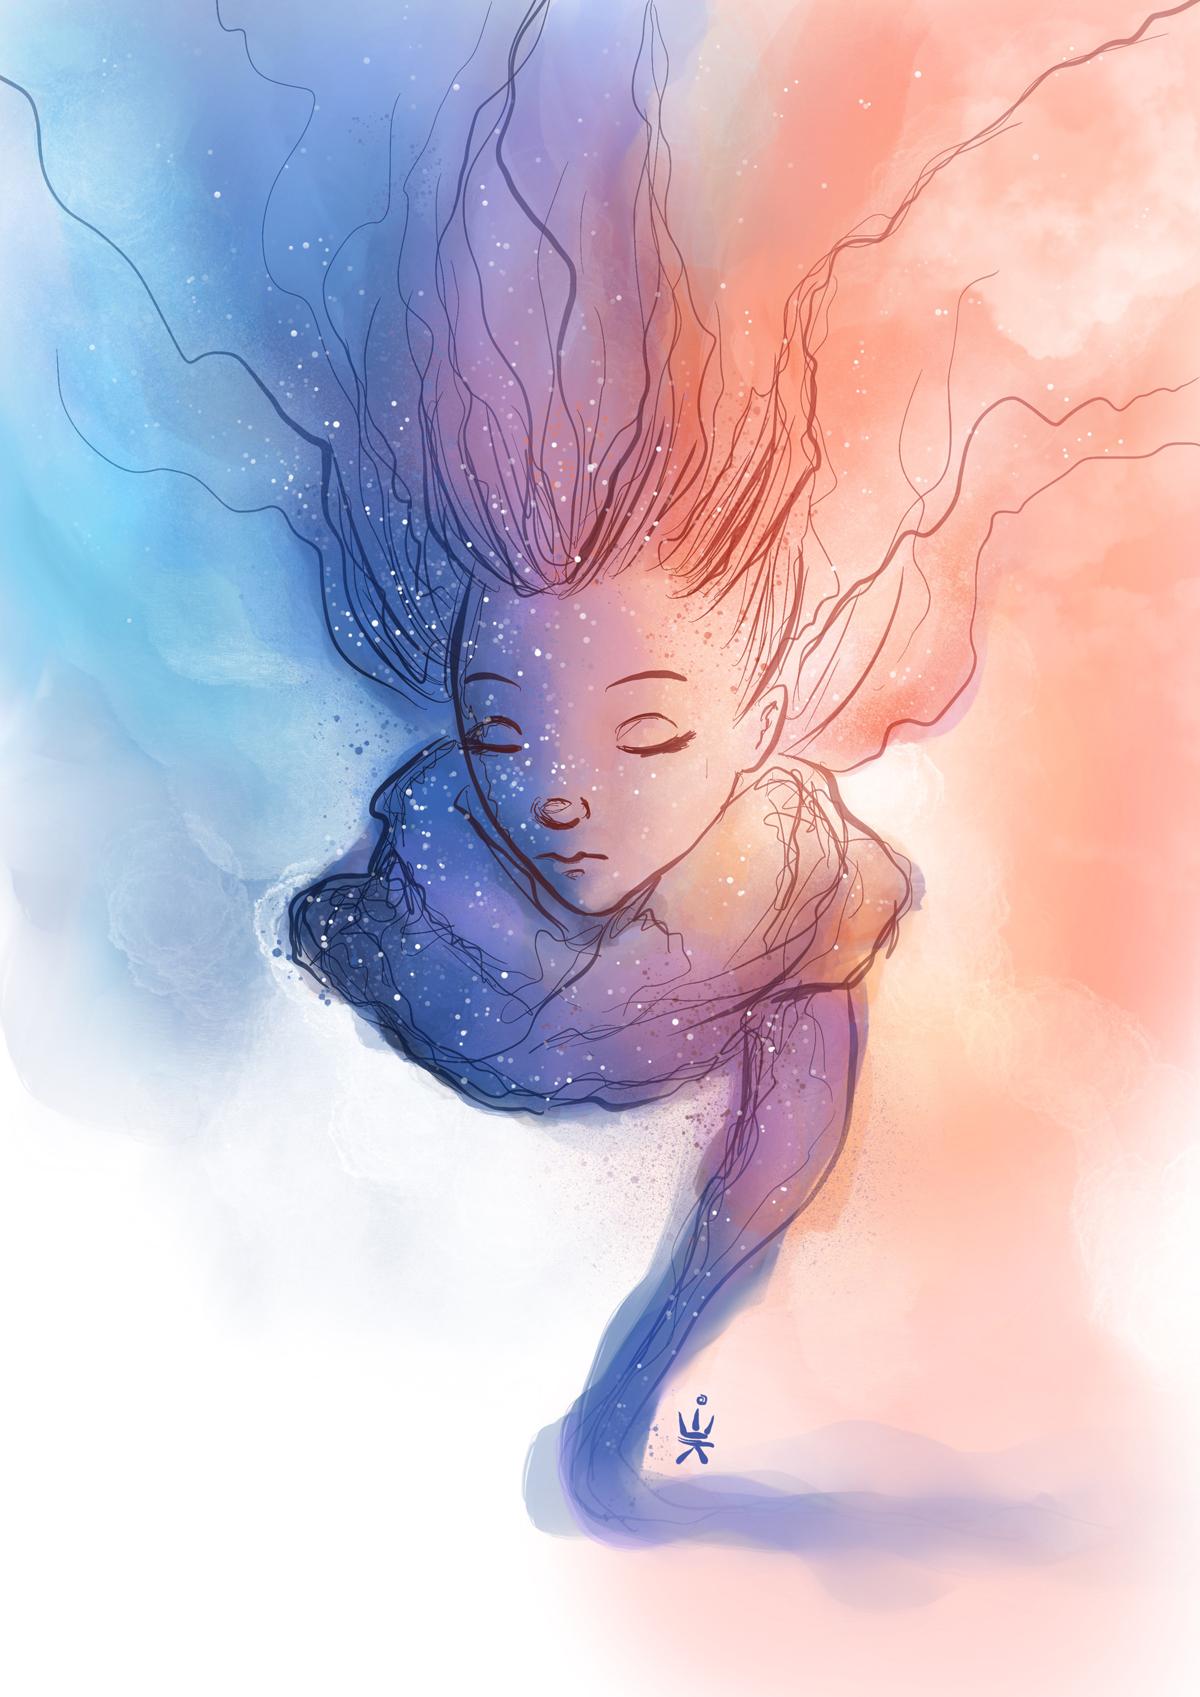 Nebula Dream